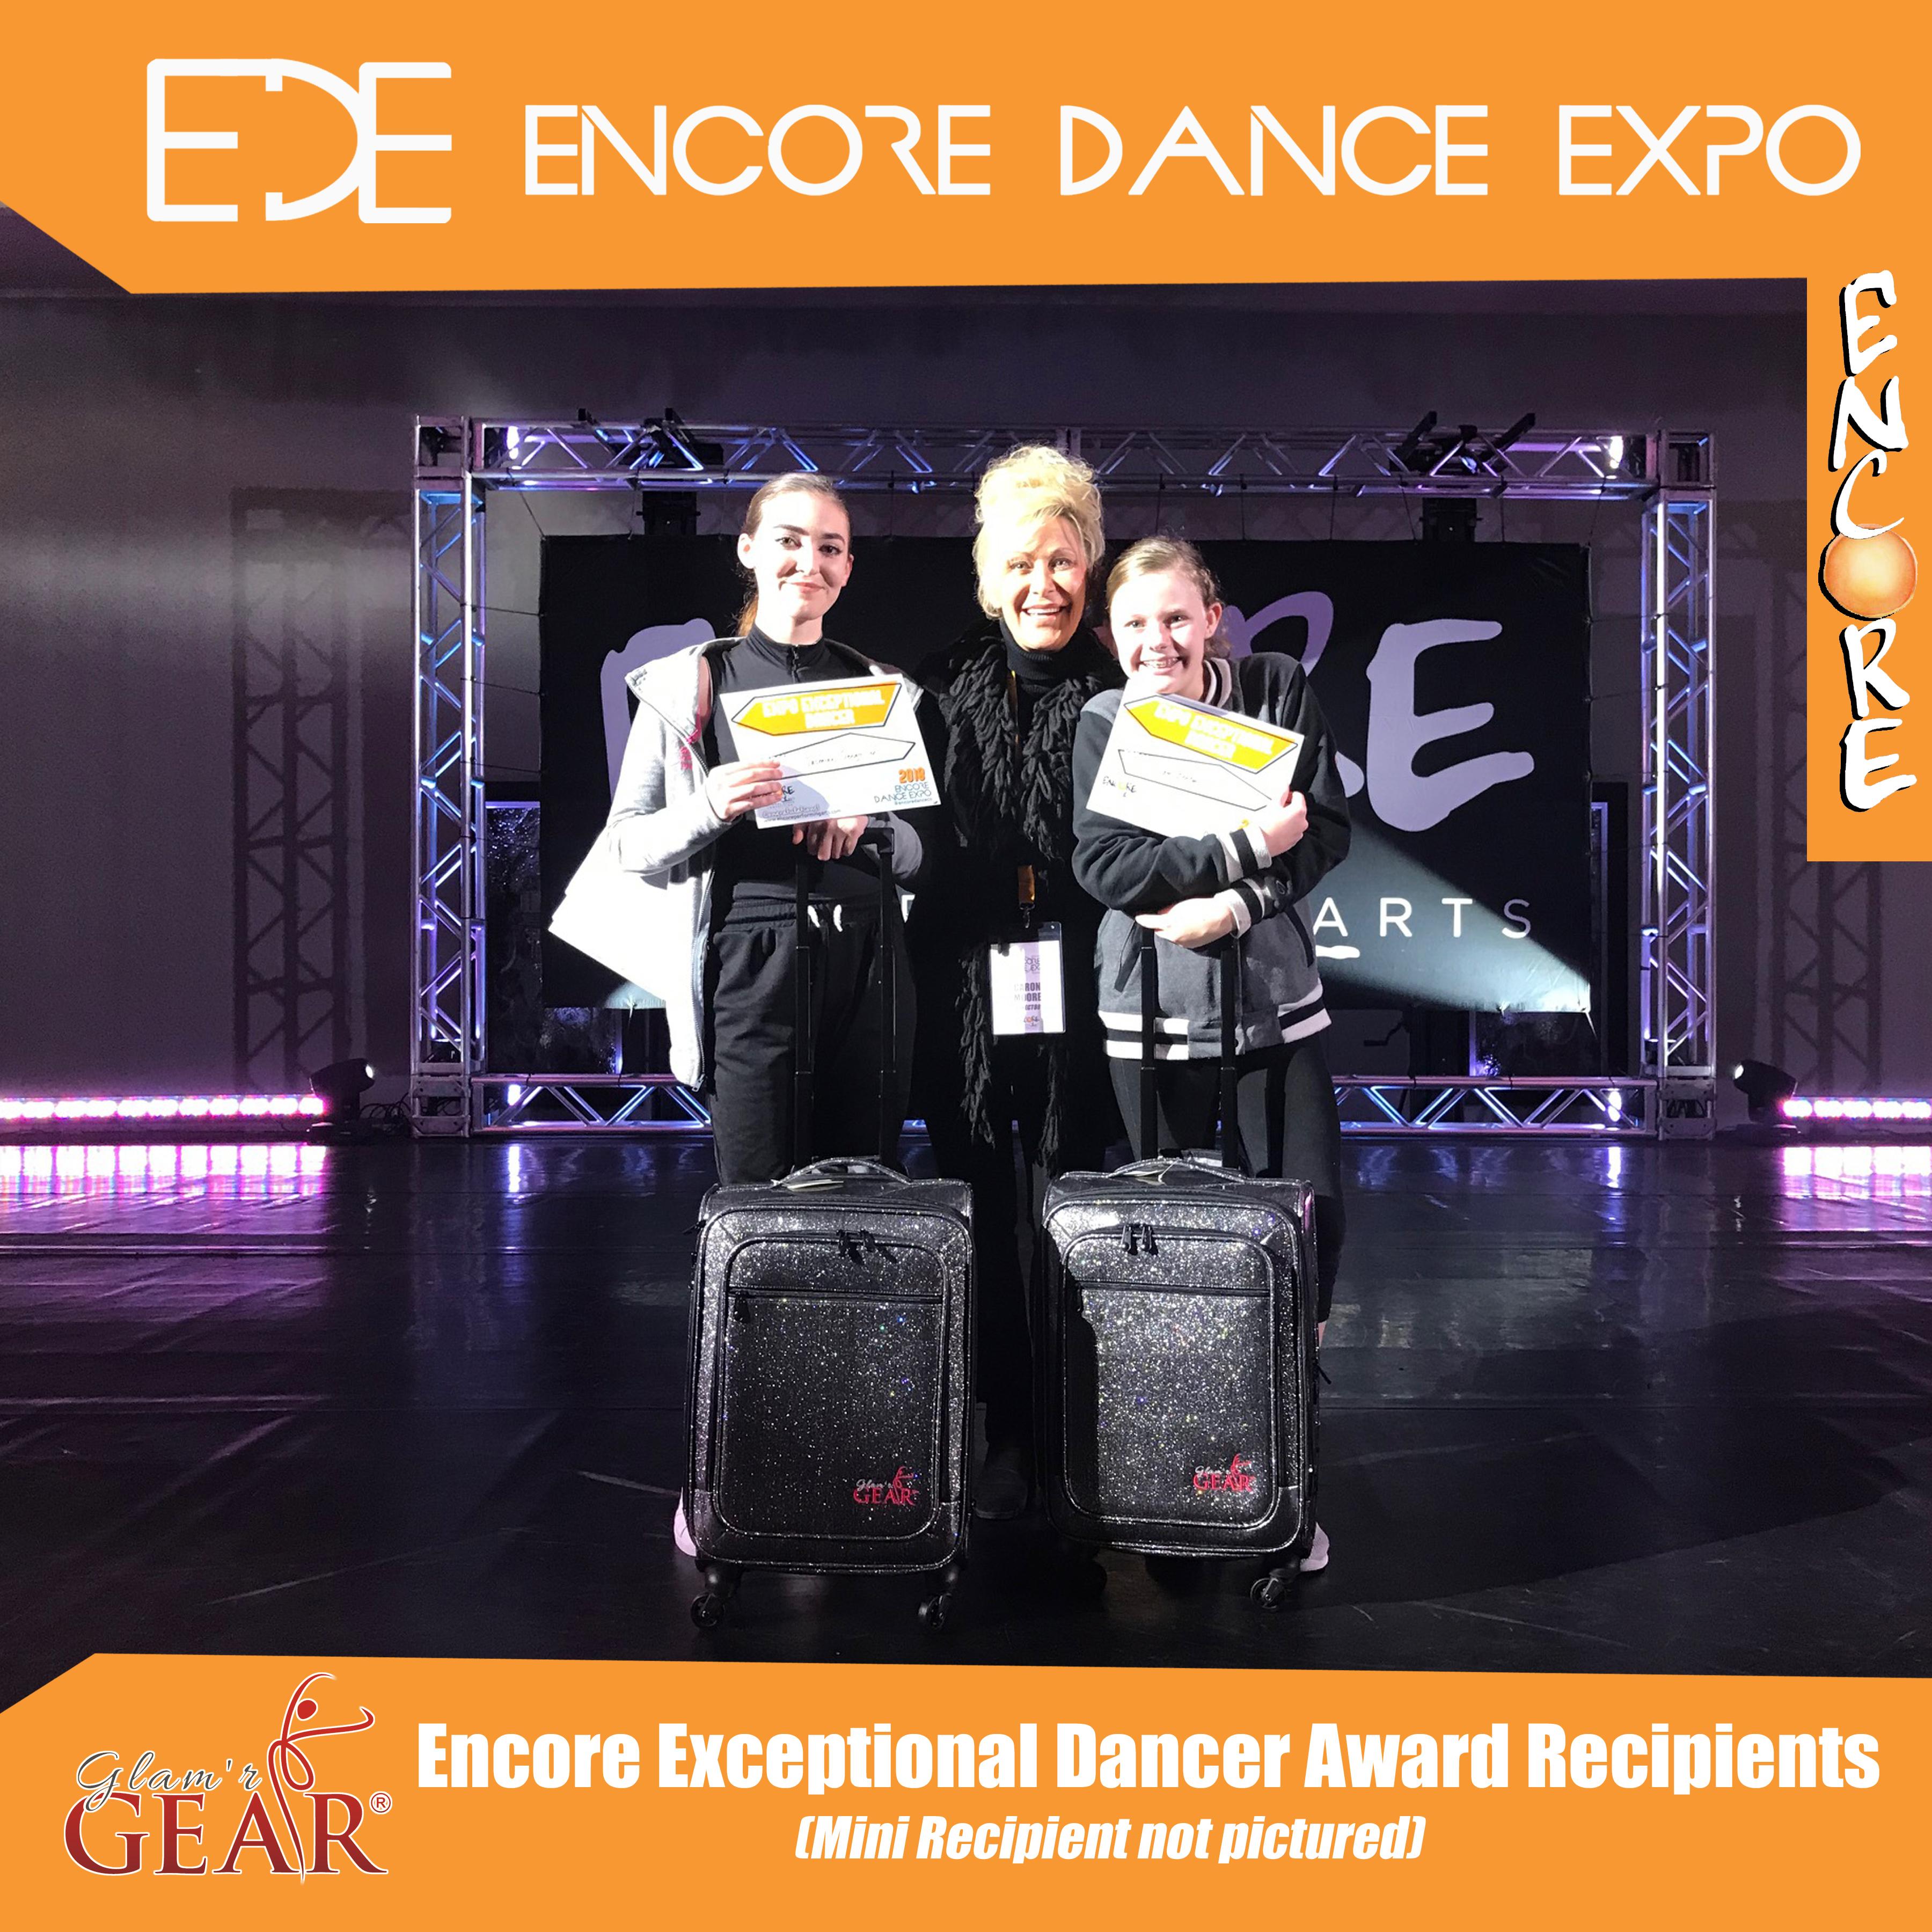 EDE - Encore Exceptional Dancer award recipients